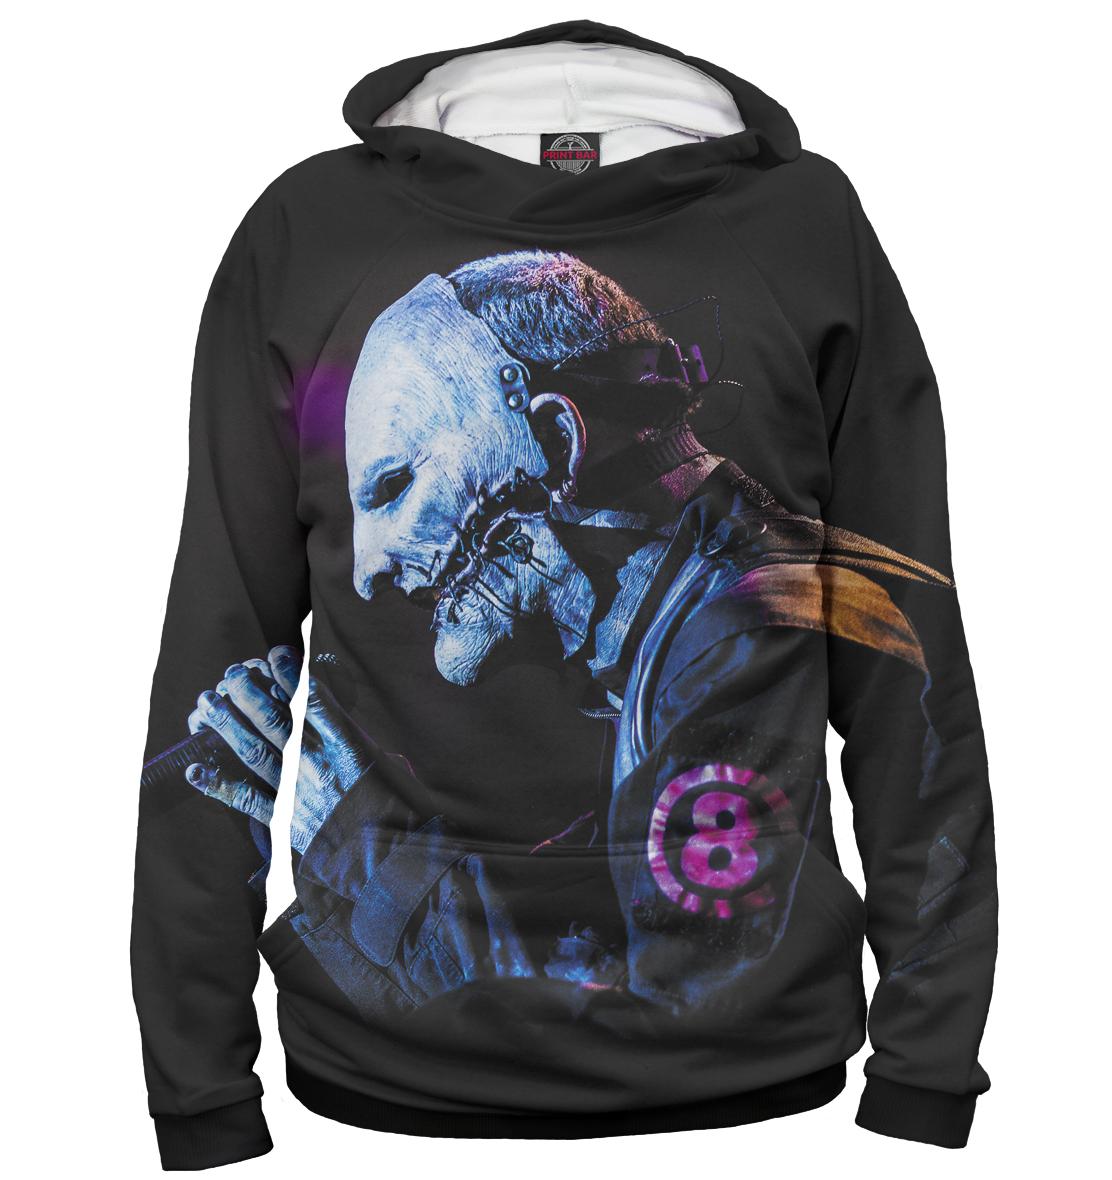 Купить Slipknot, Printbar, Худи, SLI-786372-hud-2